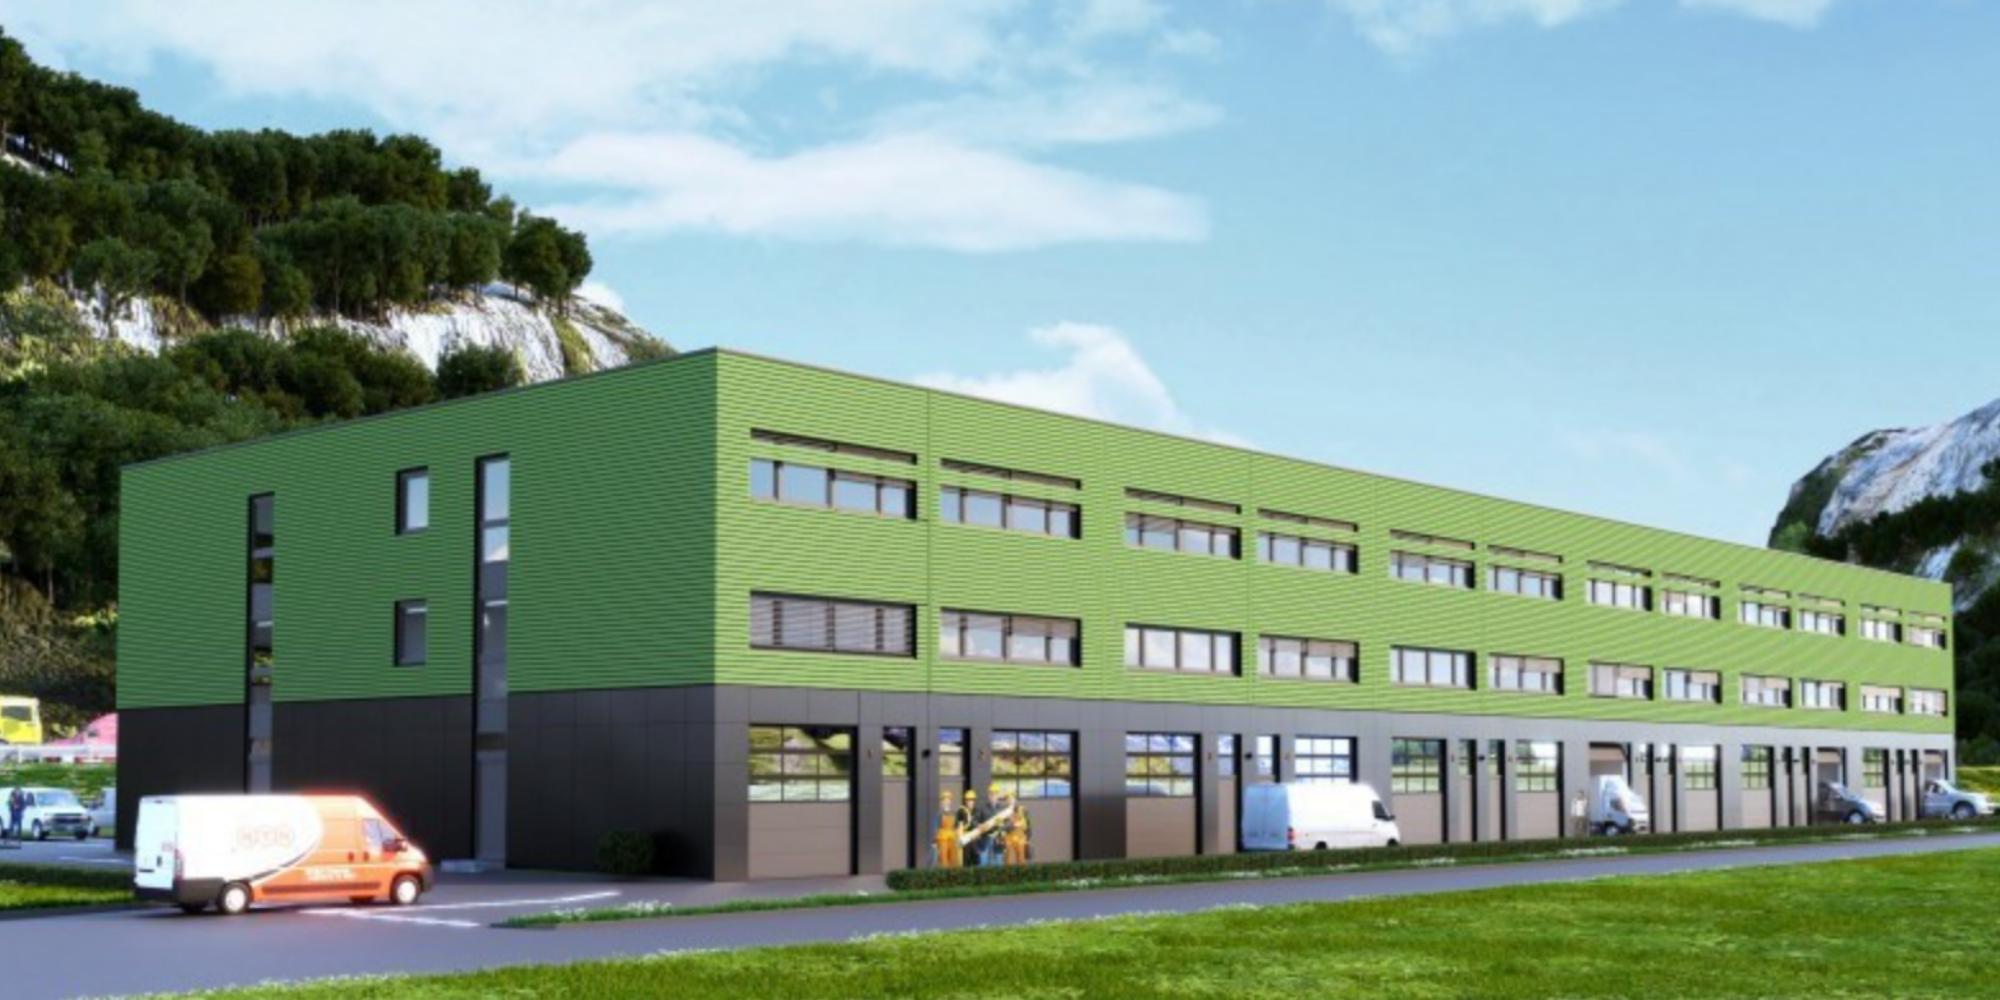 Halles industrielles neuves à vendre à Bex